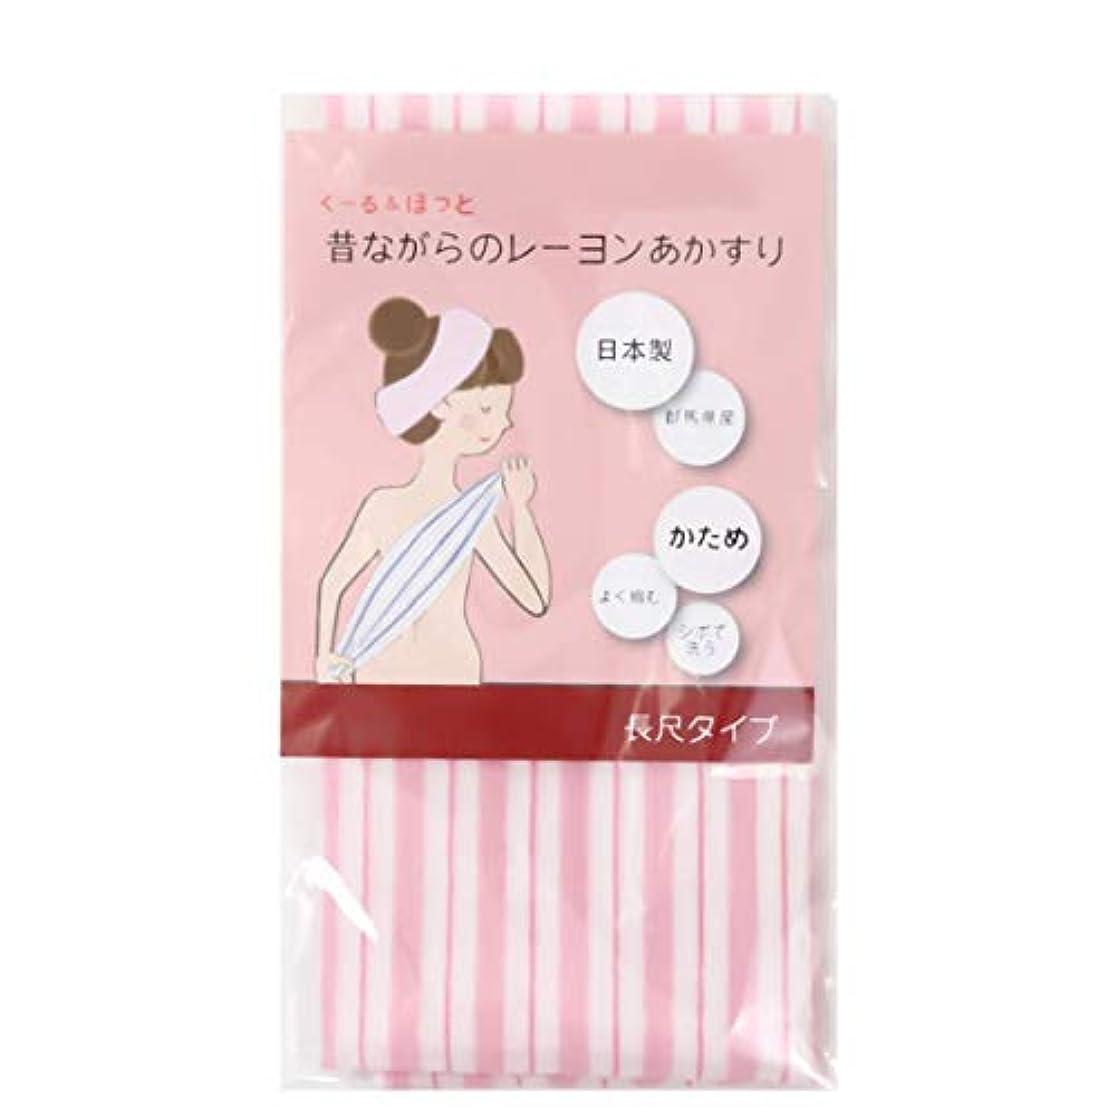 禁止添加剤代替案くーる&ほっと 昔ながらのレーヨンあかすり 日本製(群馬県で製造) 長尺 3枚組 (ピンク)